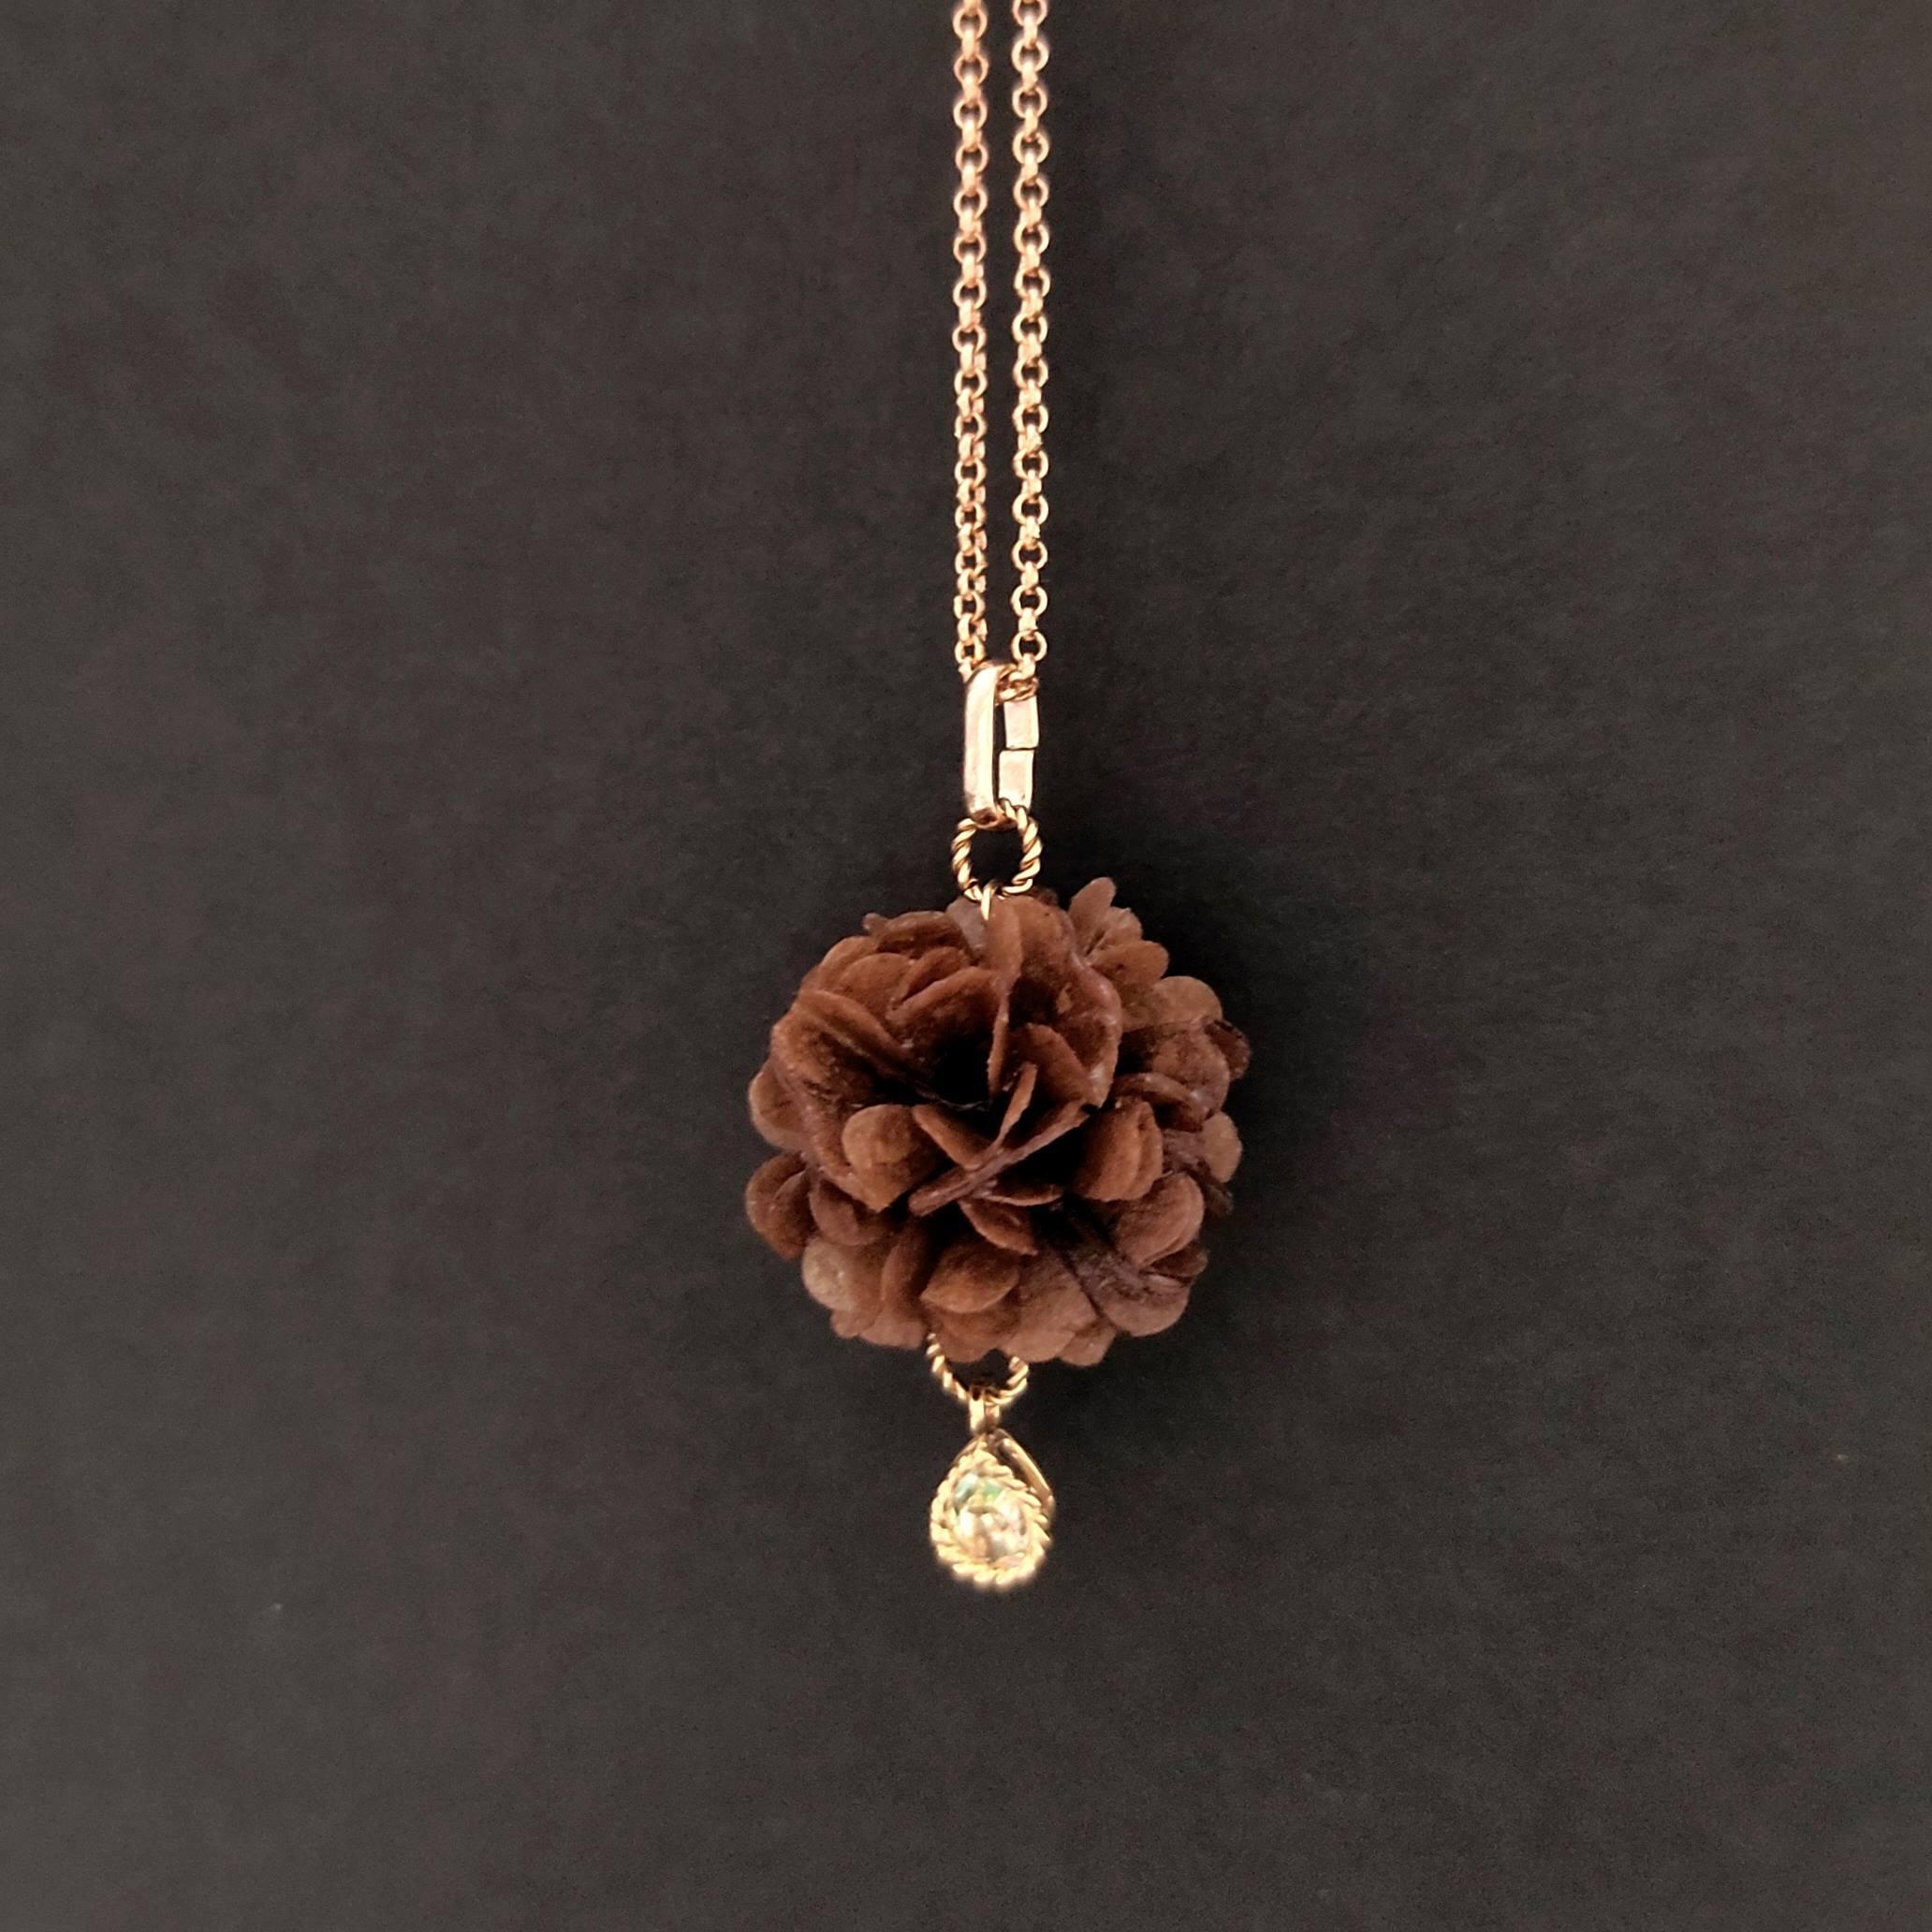 幸せの国ブータンからの贈り物 ハーティブーケのネックレス【ナチュラルカラー】オリジナル・バラ・自然素材・紙